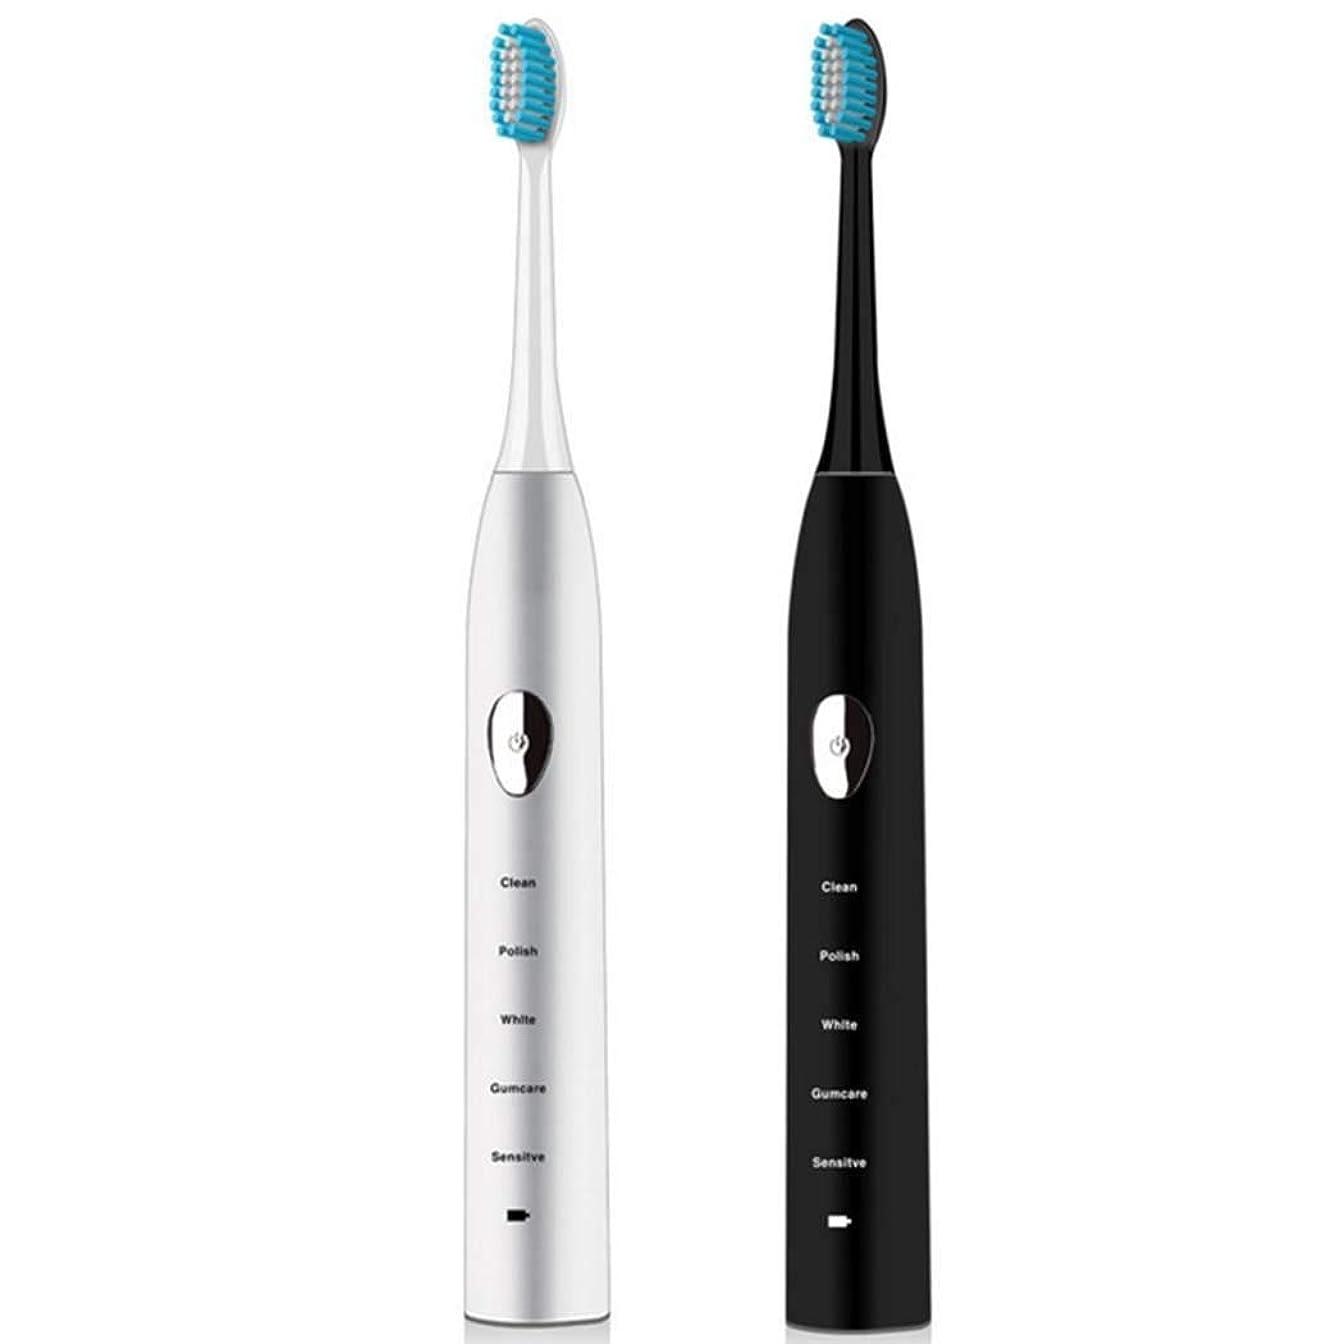 深さデコードする航空電動歯ブラシ、充電ソニック電動歯ブラシ、家庭用ホワイトニング防水自動歯ブラシ、誘導充電、スマートタイマー(カラー:ホワイト)